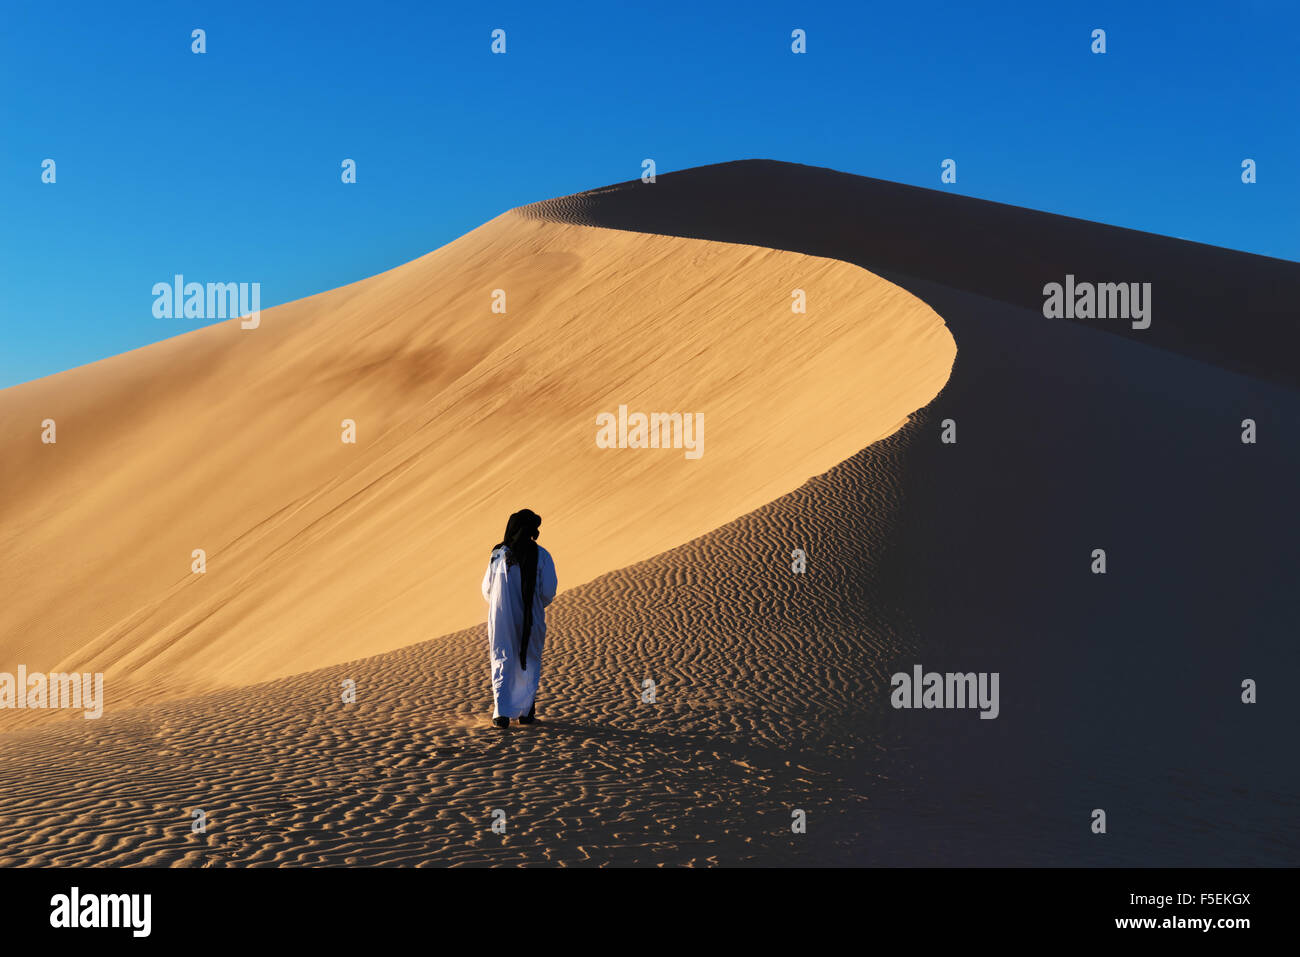 Ein traditionelles gekleidet Marokkanische Mann Spaziergänge auf einer Sanddüne. Stockbild